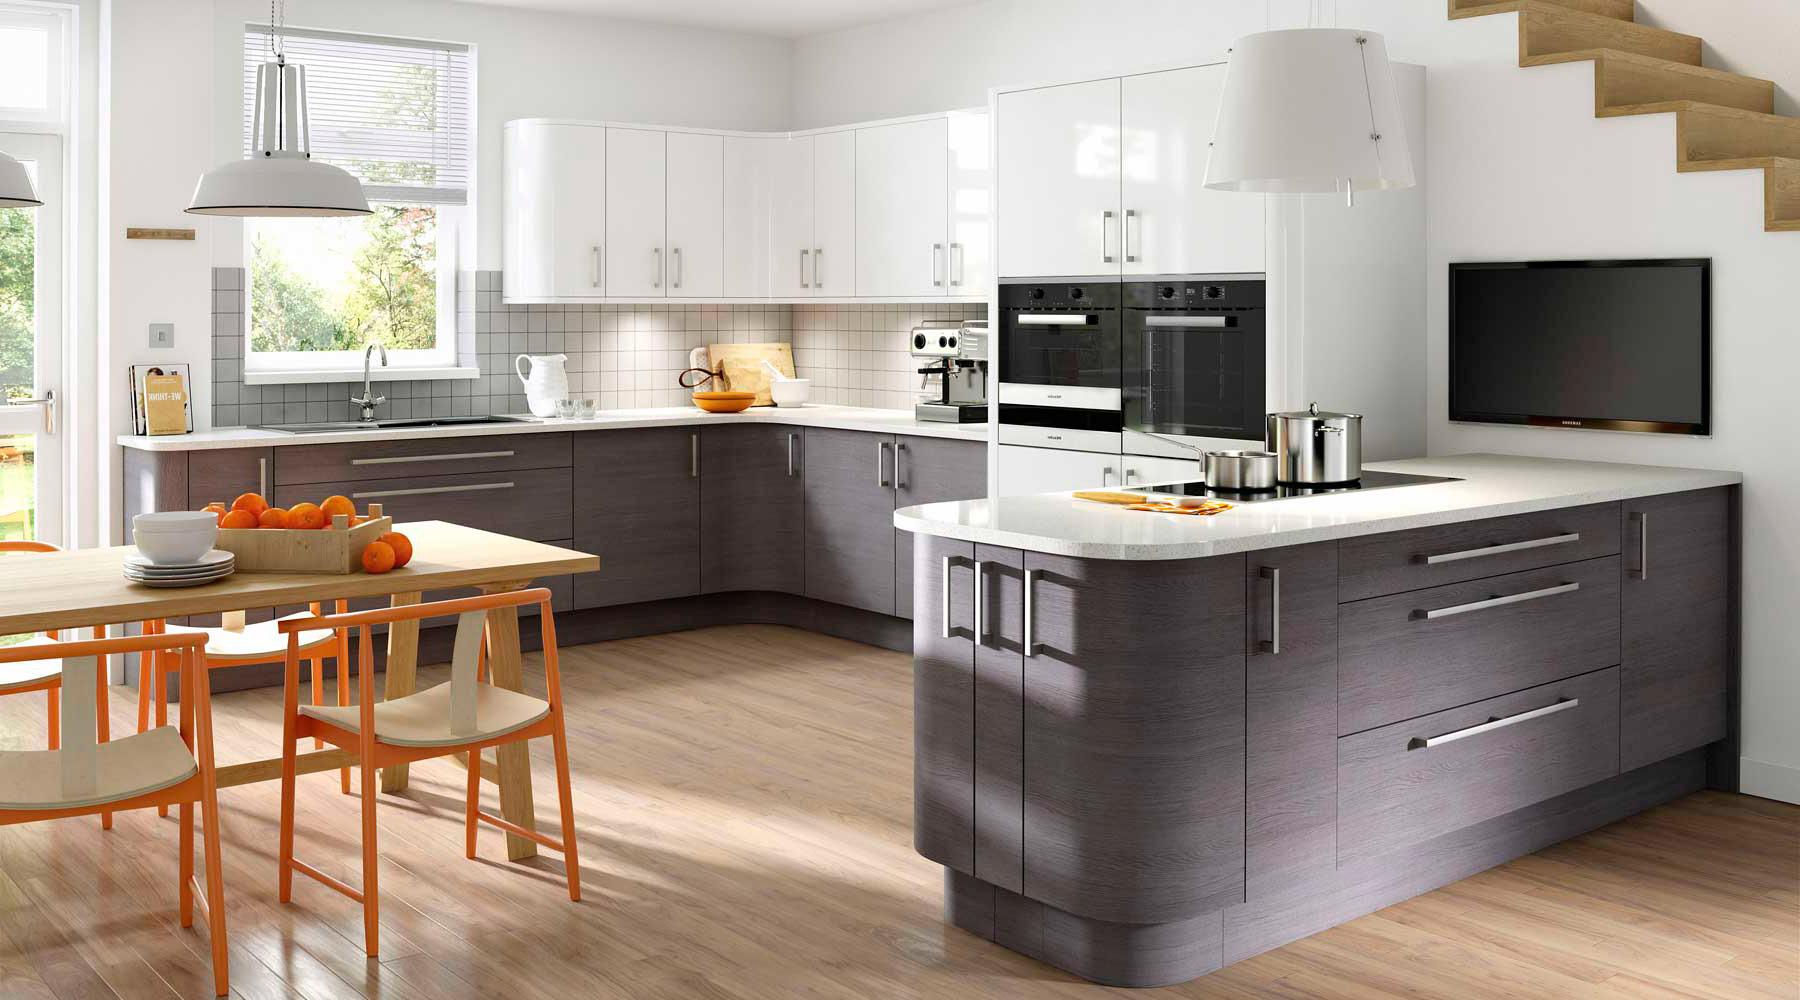 Кухня в стихе Хайтек выполненная по дизайнерскому проекту заказчика